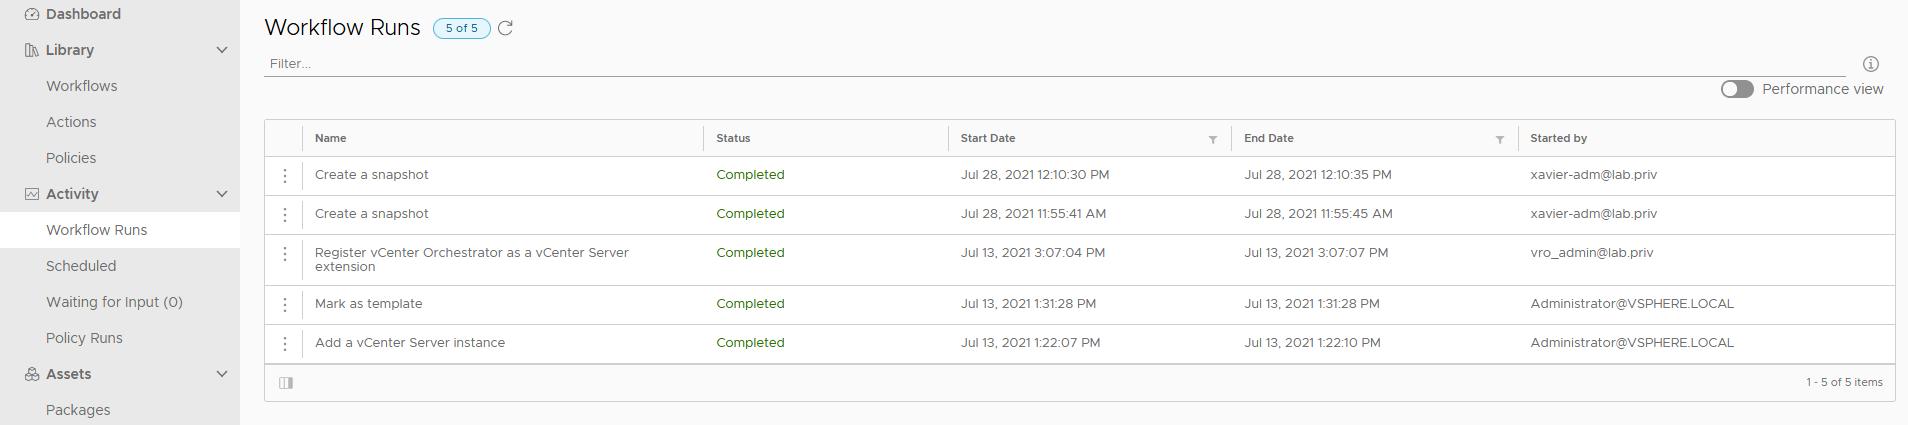 vRealize Orchestrator Client under Activity > Workflow Runs